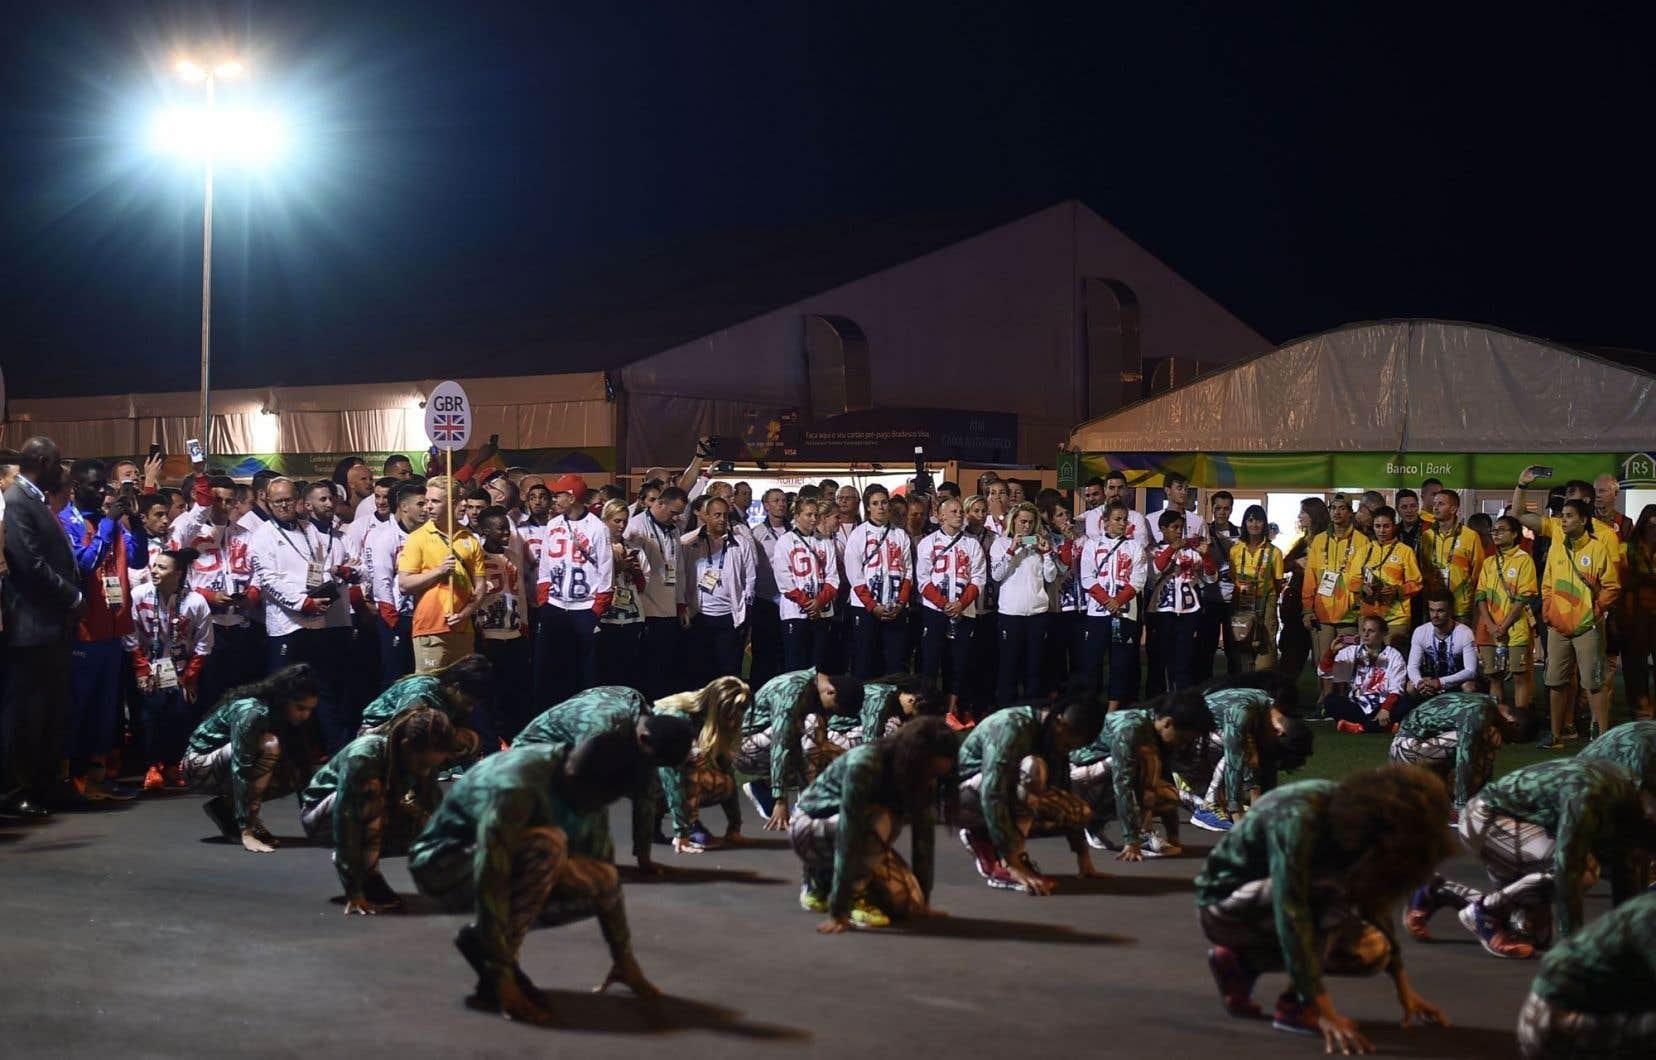 Des athlètes britanniques assistent à une petite cérémonie d'accueil dans le village olympique, à quelques jours de l'ouverture des Jeux olympiques de Rio.